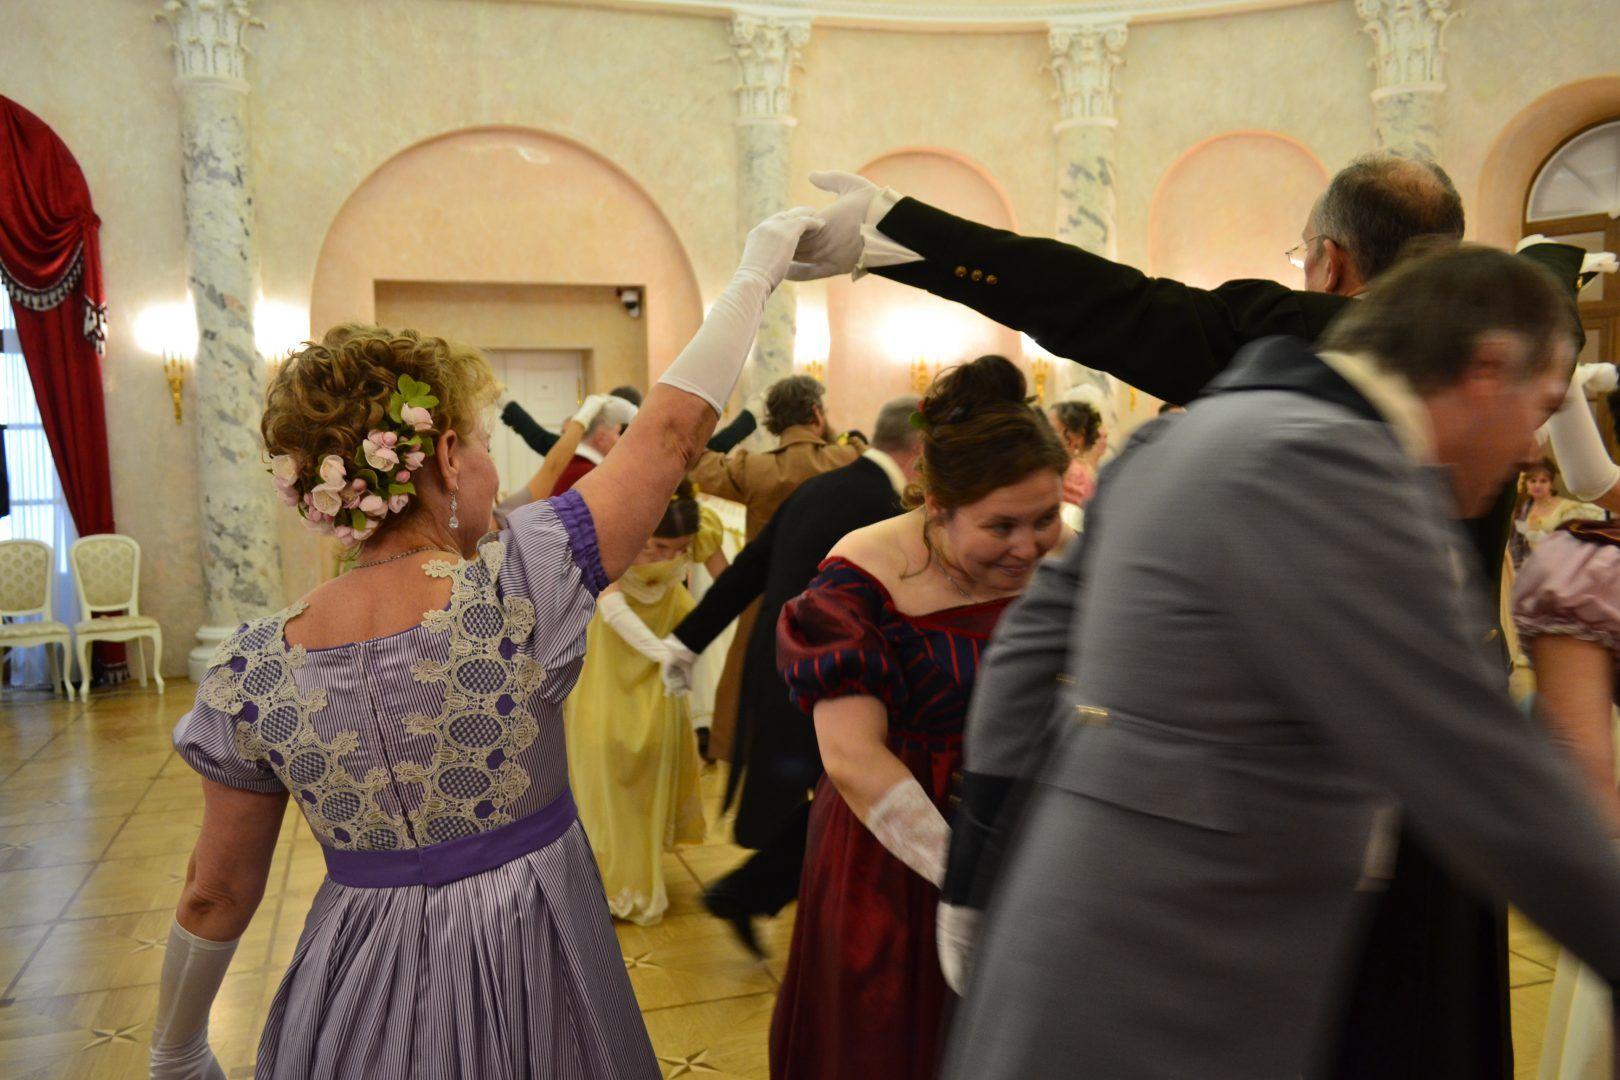 Танцевальные игры заставили участников бала забыть о заботах. Фото: Алина Берестова